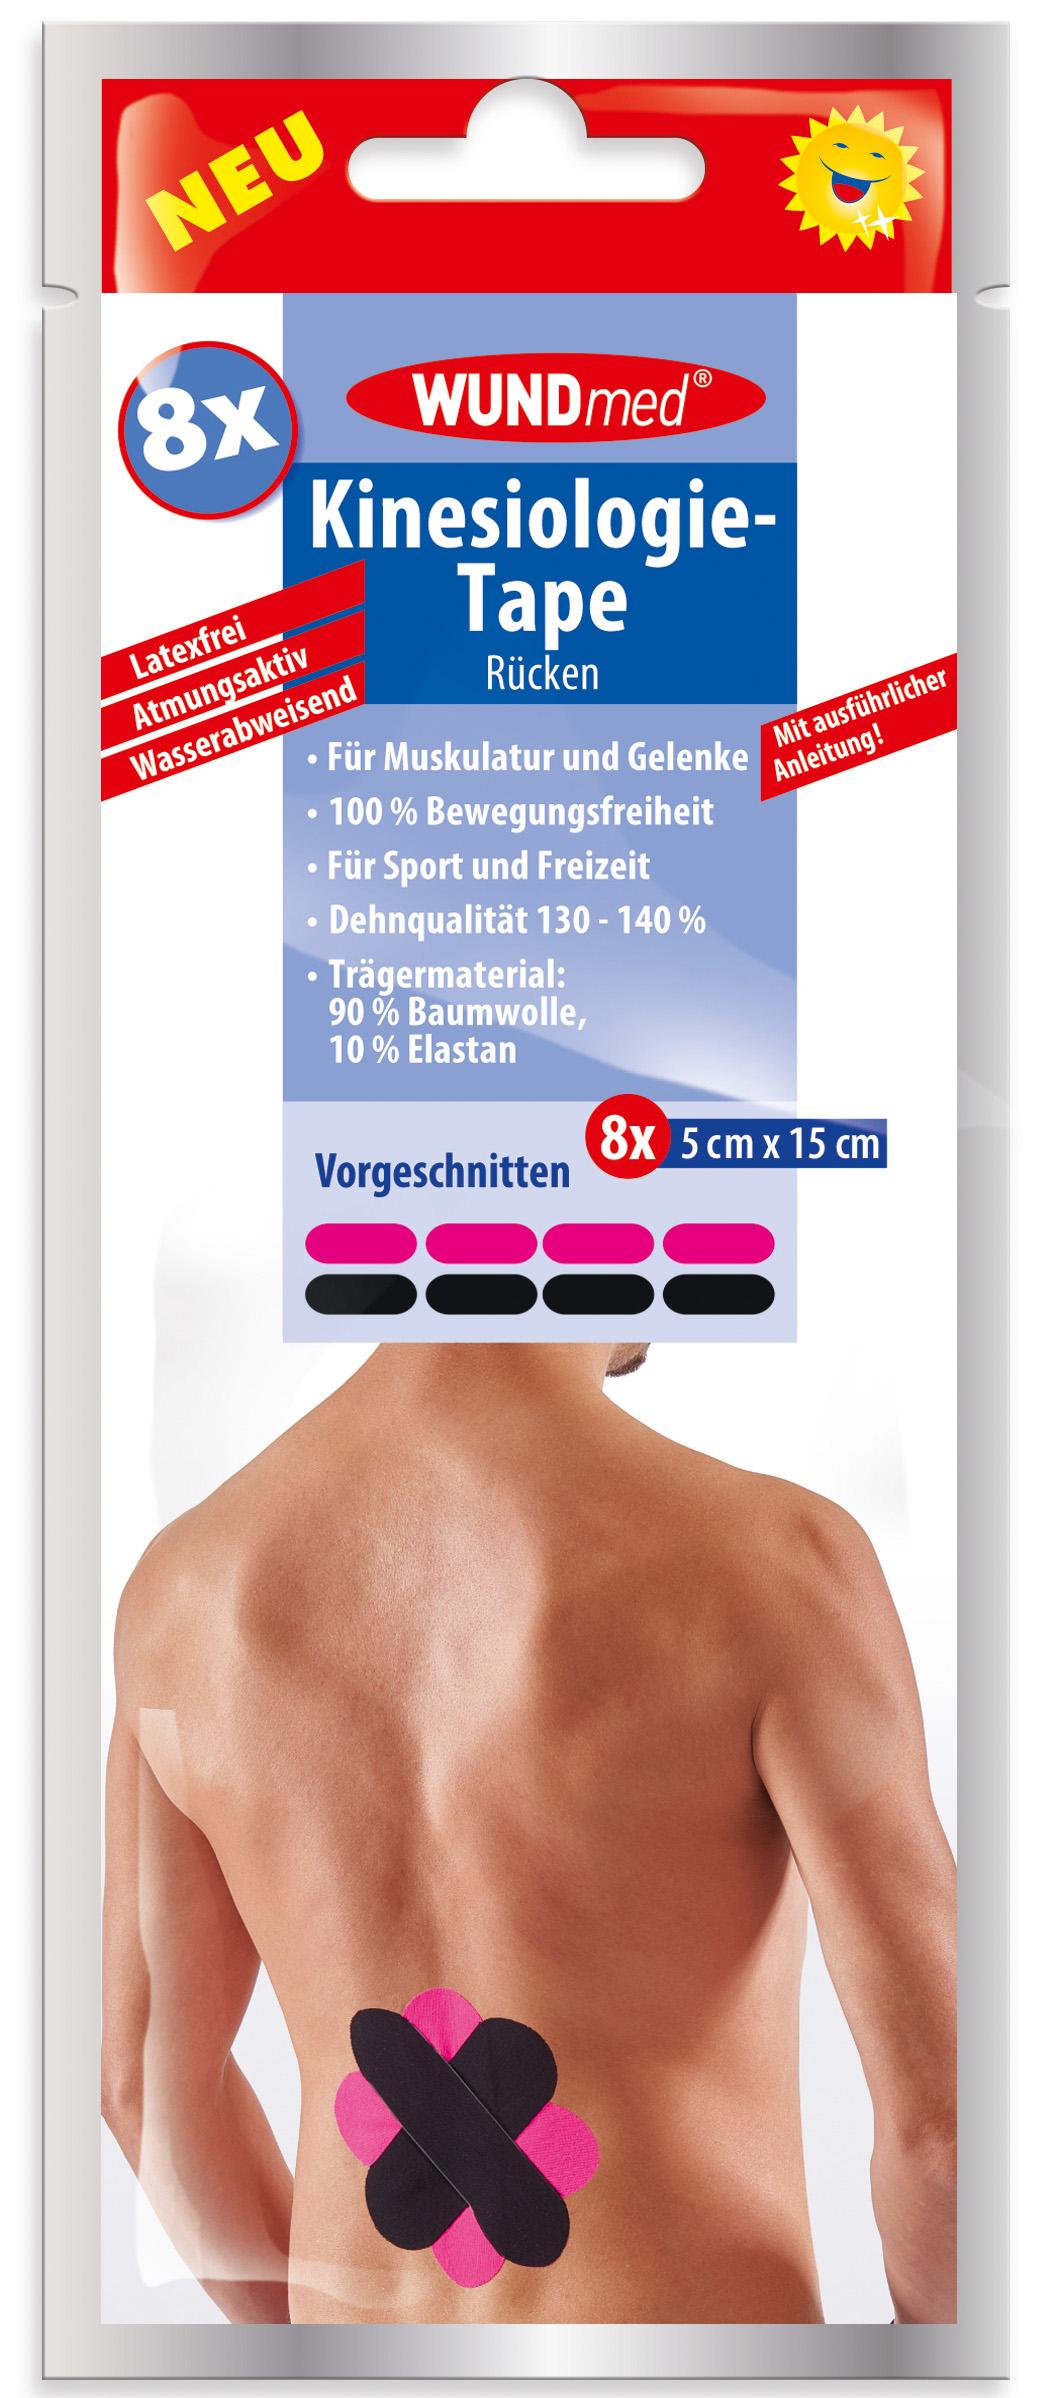 01772 - Wundmed Kinesiologie-Tape, Rücken, vorgeschnitten, 5x15cm, 8er